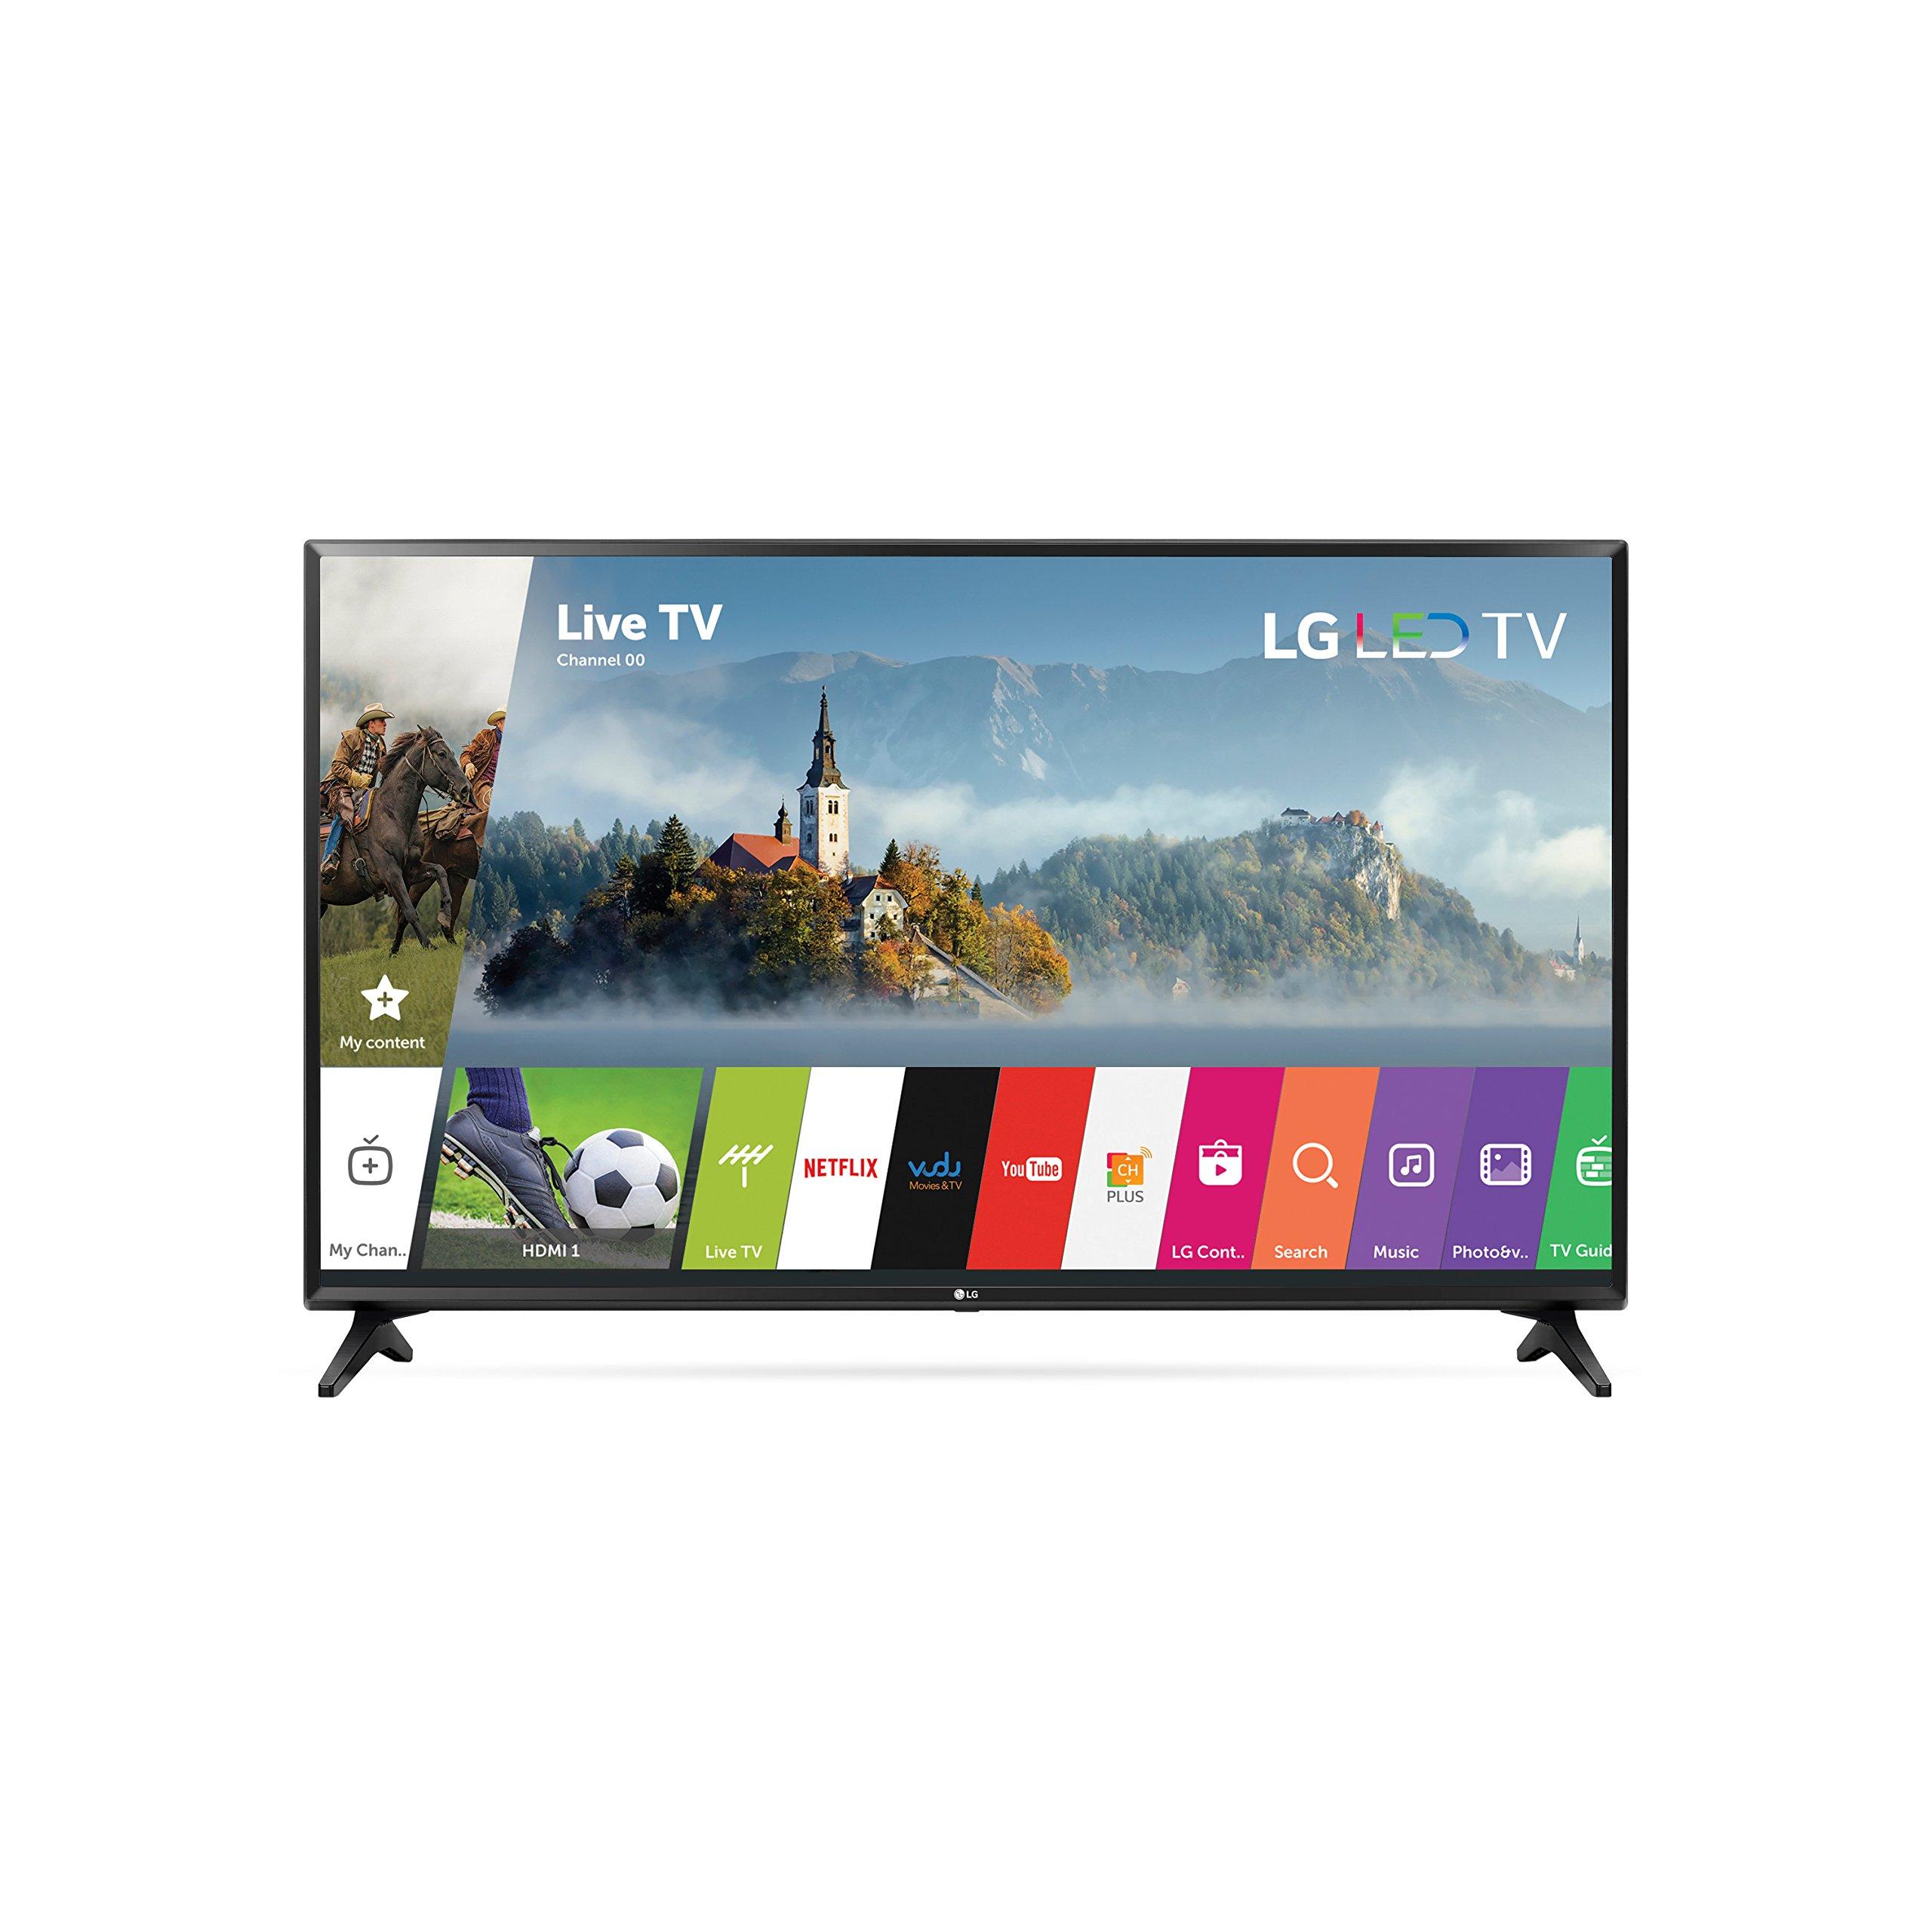 LG Electronics 43LJ5500 43-Inch 1080p Smart LED TV (2017 Model) by LG